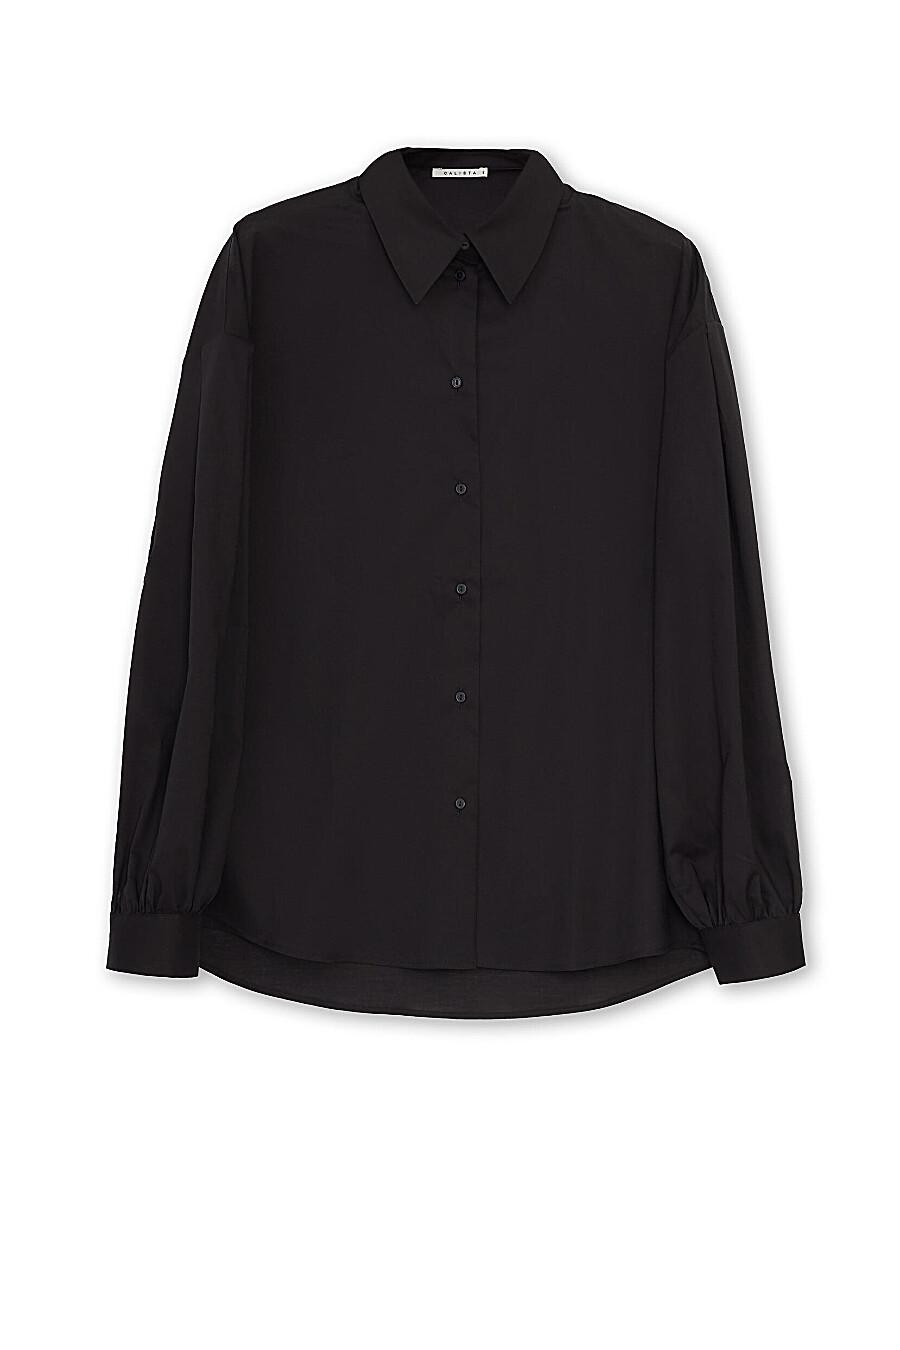 Блузка для женщин CALISTA 682620 купить оптом от производителя. Совместная покупка женской одежды в OptMoyo